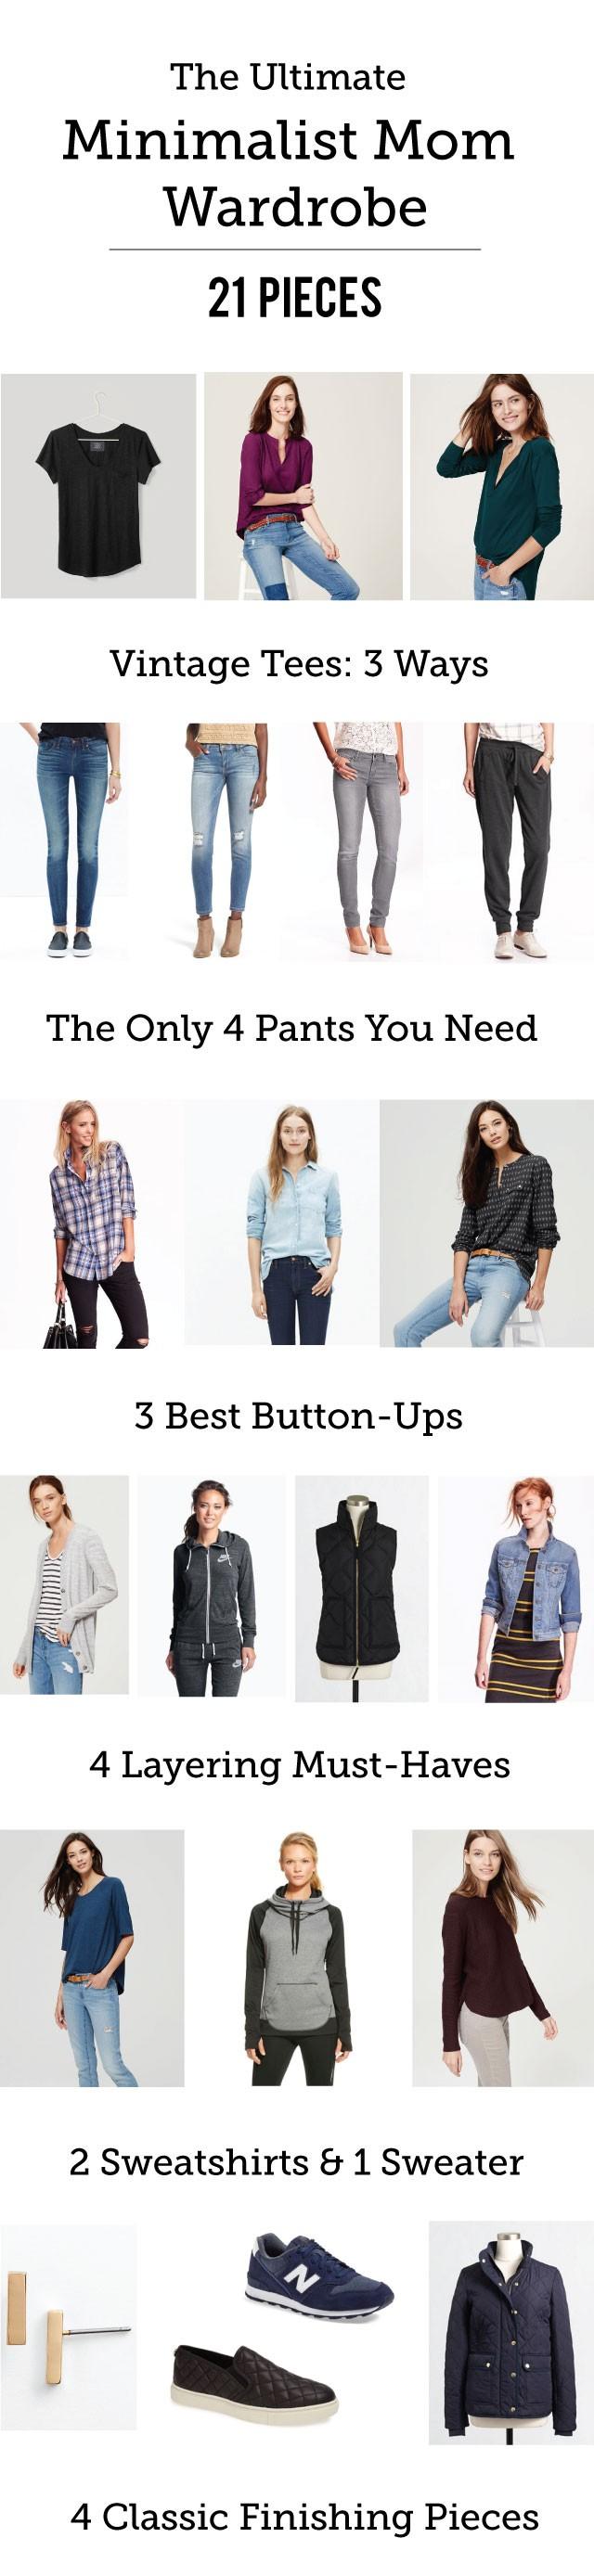 21 piece minimalist mom wardrobe the ultimate capsule for Minimalist house list